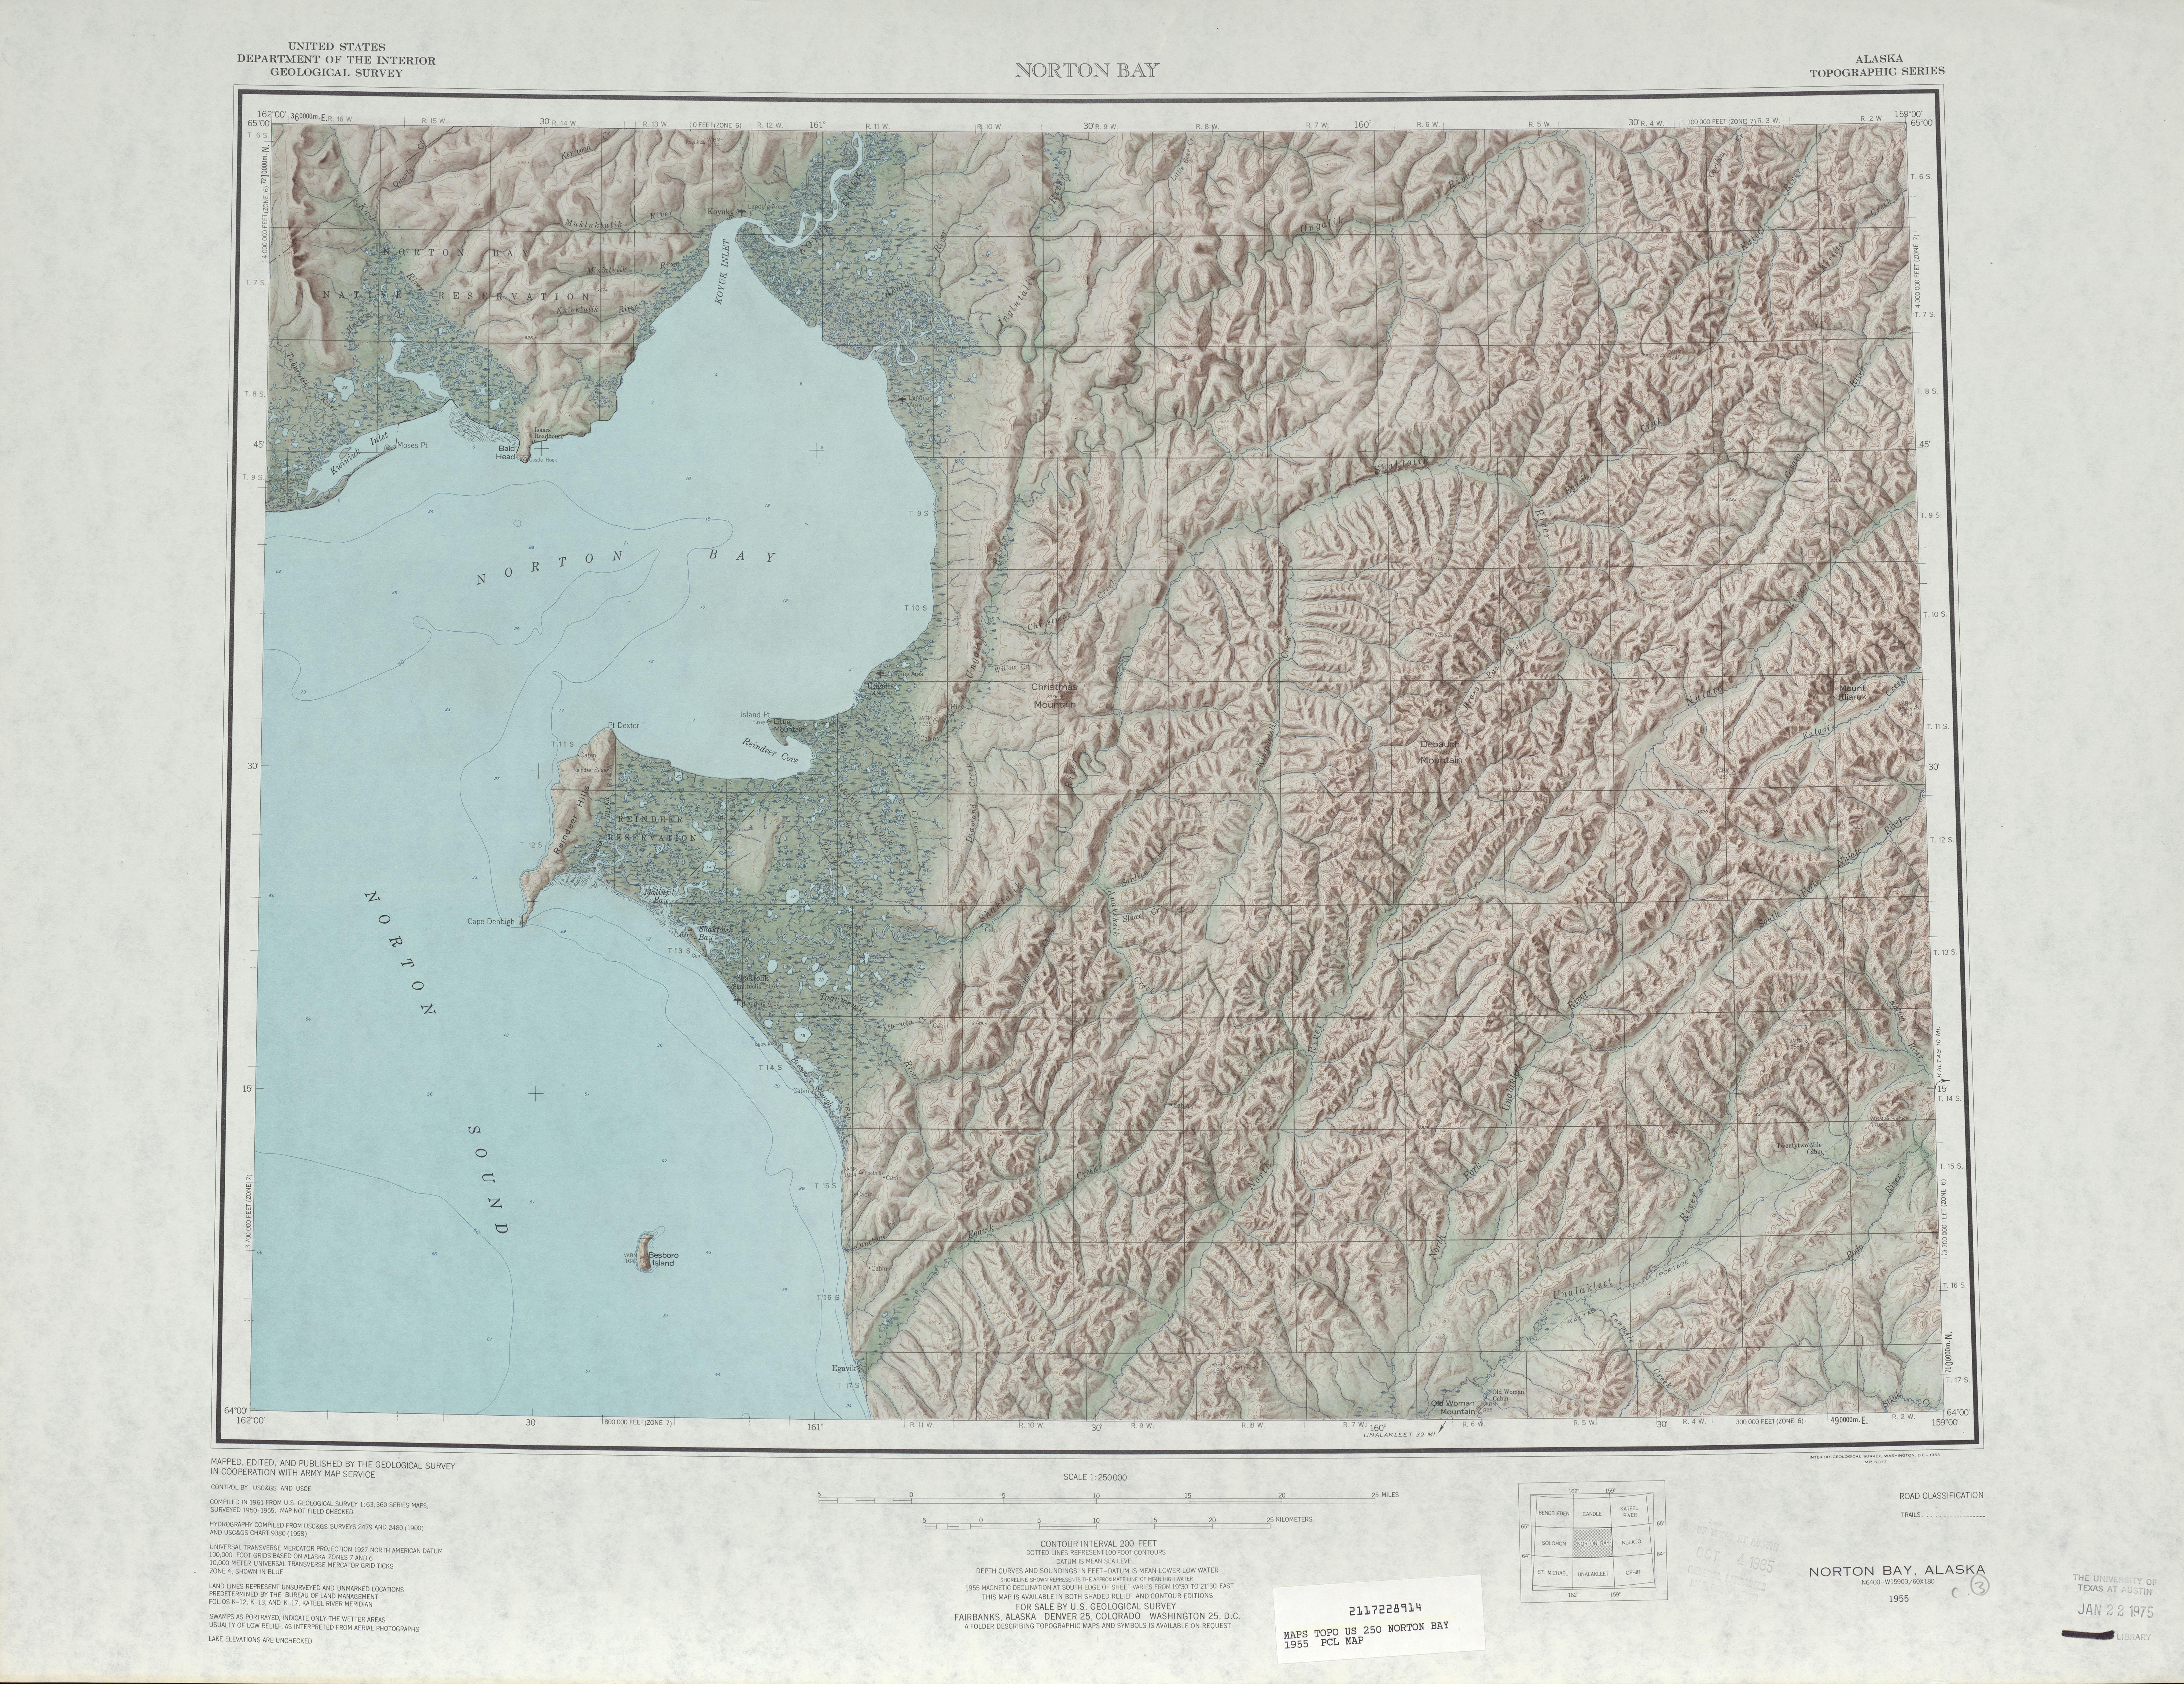 Hoja Norton Bay del Mapa Topográfico de los Estados Unidos 1955